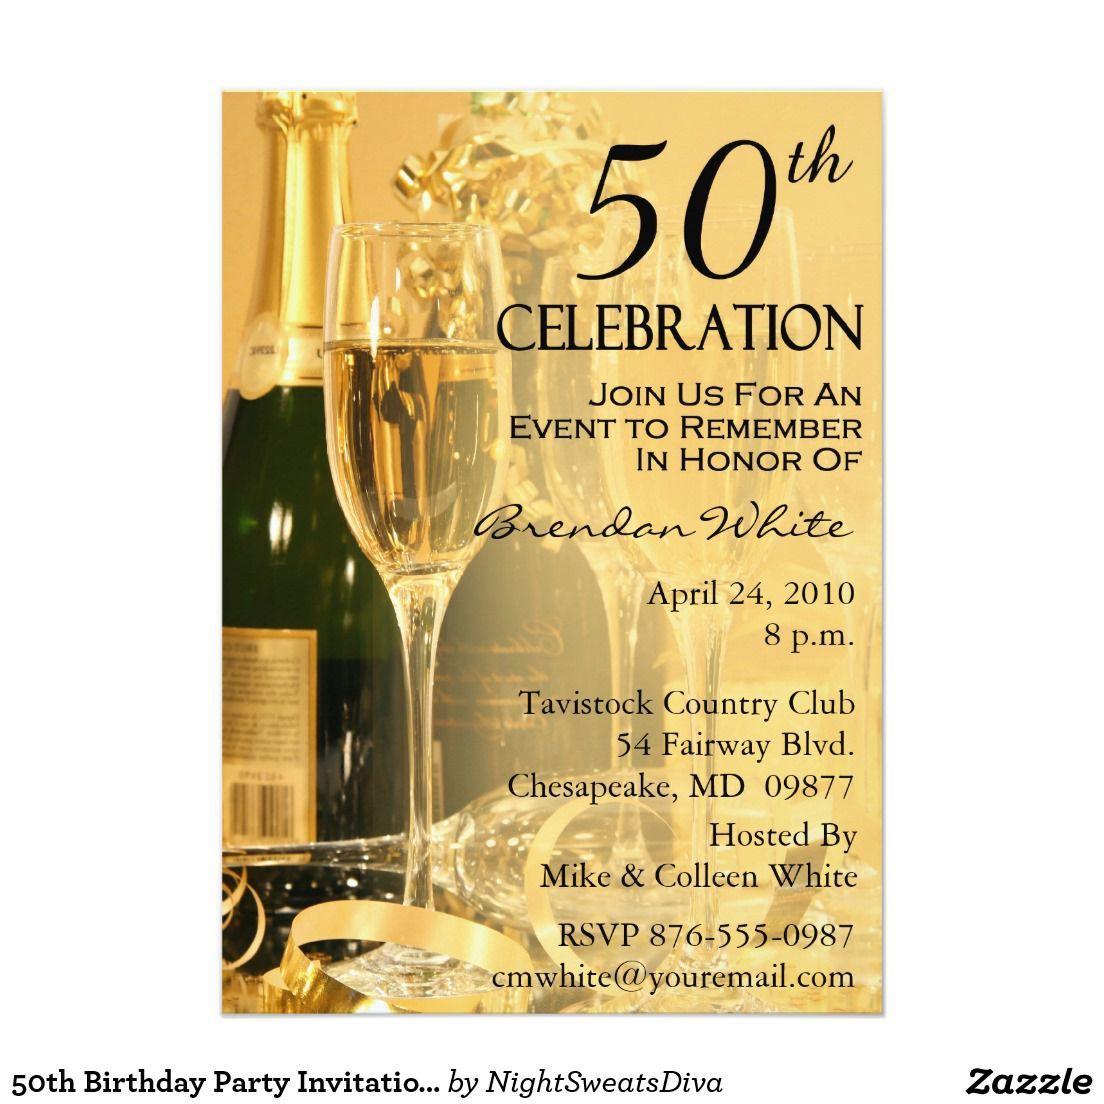 Witzige Einladungskarten 50 Geburtstag Kostenlos Geburtstag